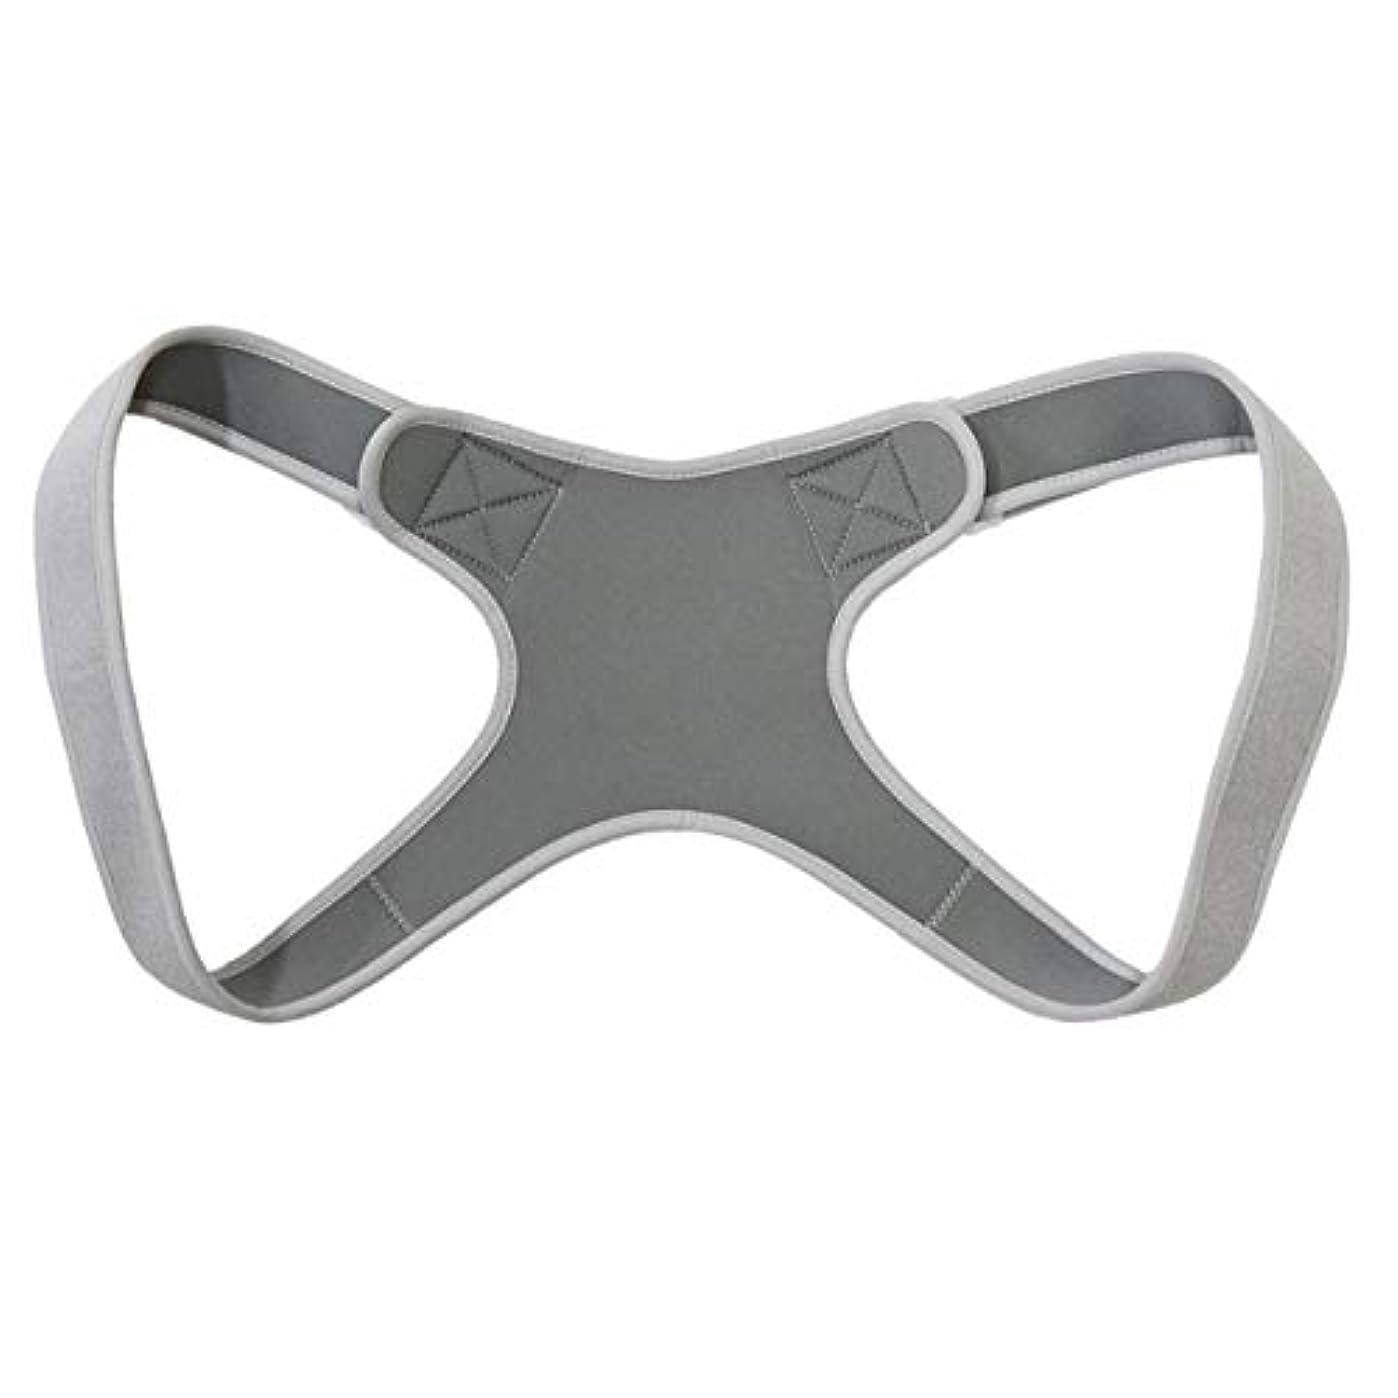 ガラス呼吸する軽蔑するアルミフォームブレーススプリントトリガーフィンガースプリントマレットフィンガー/捻挫/骨折/痛みの軽減/フィンガーナックル固定 - シルバー&グリーンS